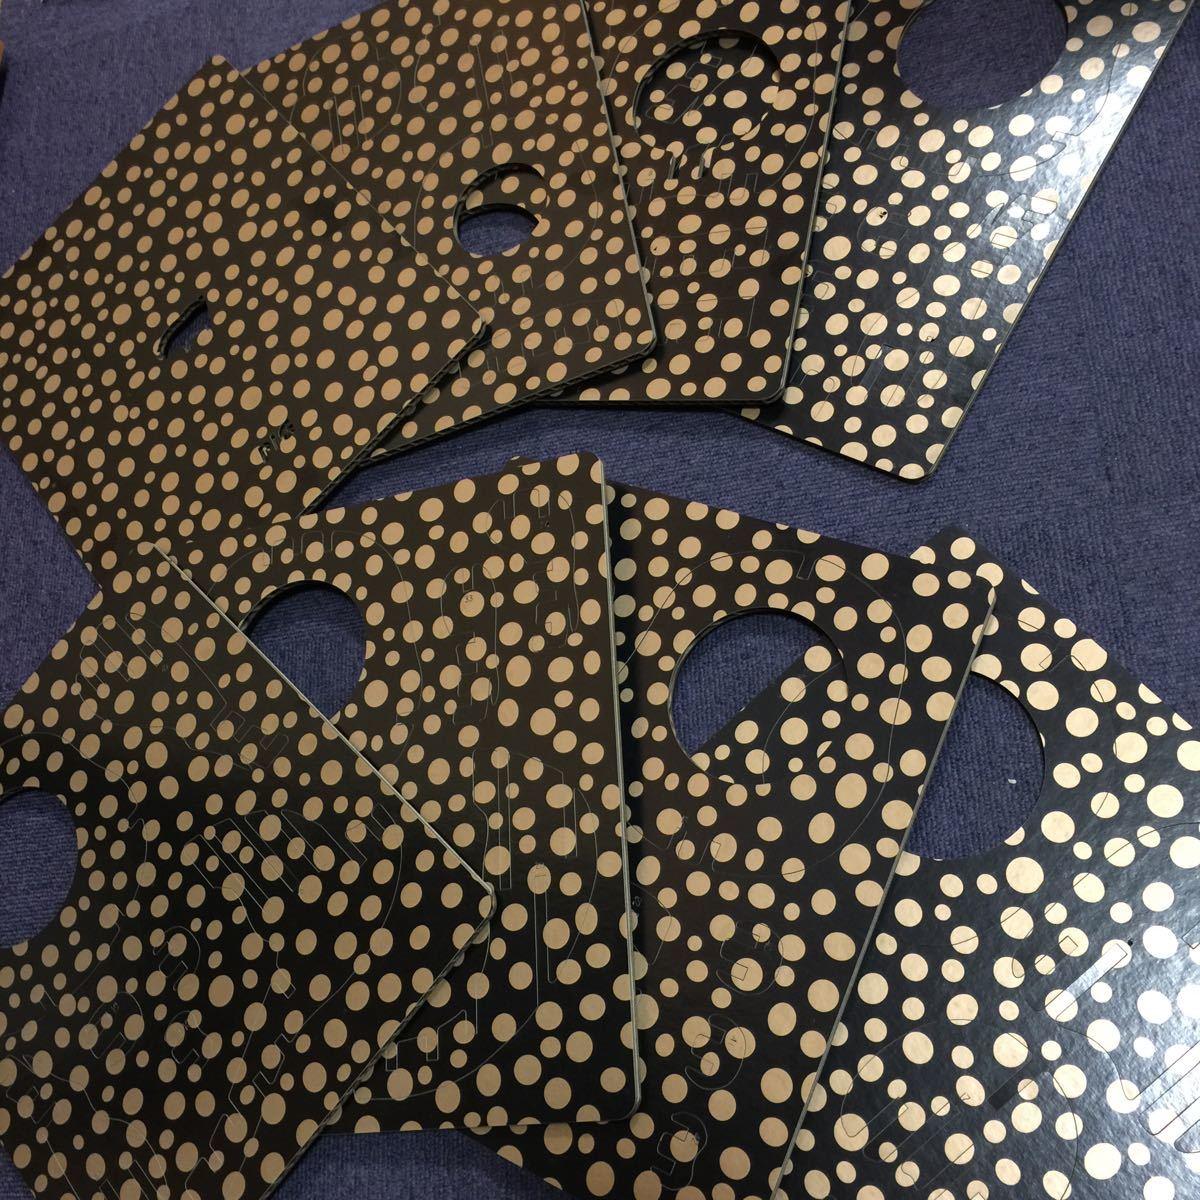 d-torso(ディー・トルソー)「豚段」PIG353 段ボール素材ペーパークラフト 未組立長期保管品 日本製 アキ工作社 希少終売品 黒 レーザー加工_画像4